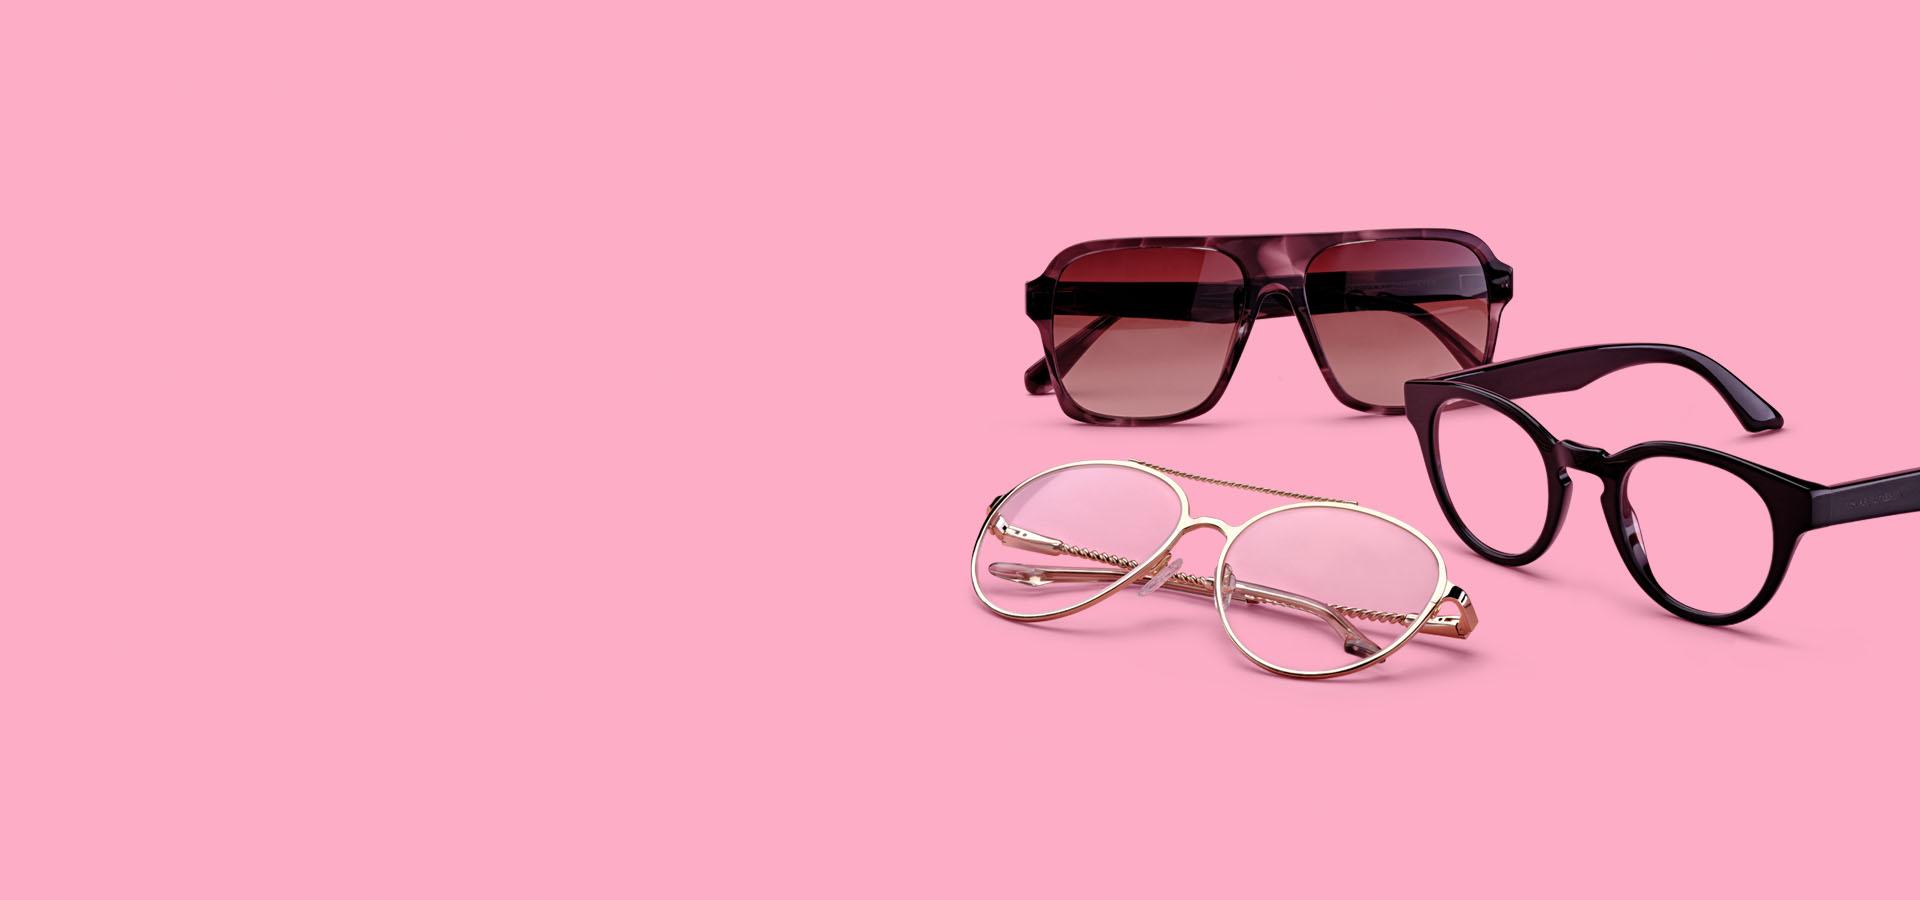 Solglasögon i din styrka på köpet när du prenumererar på minst 2 par glasögon